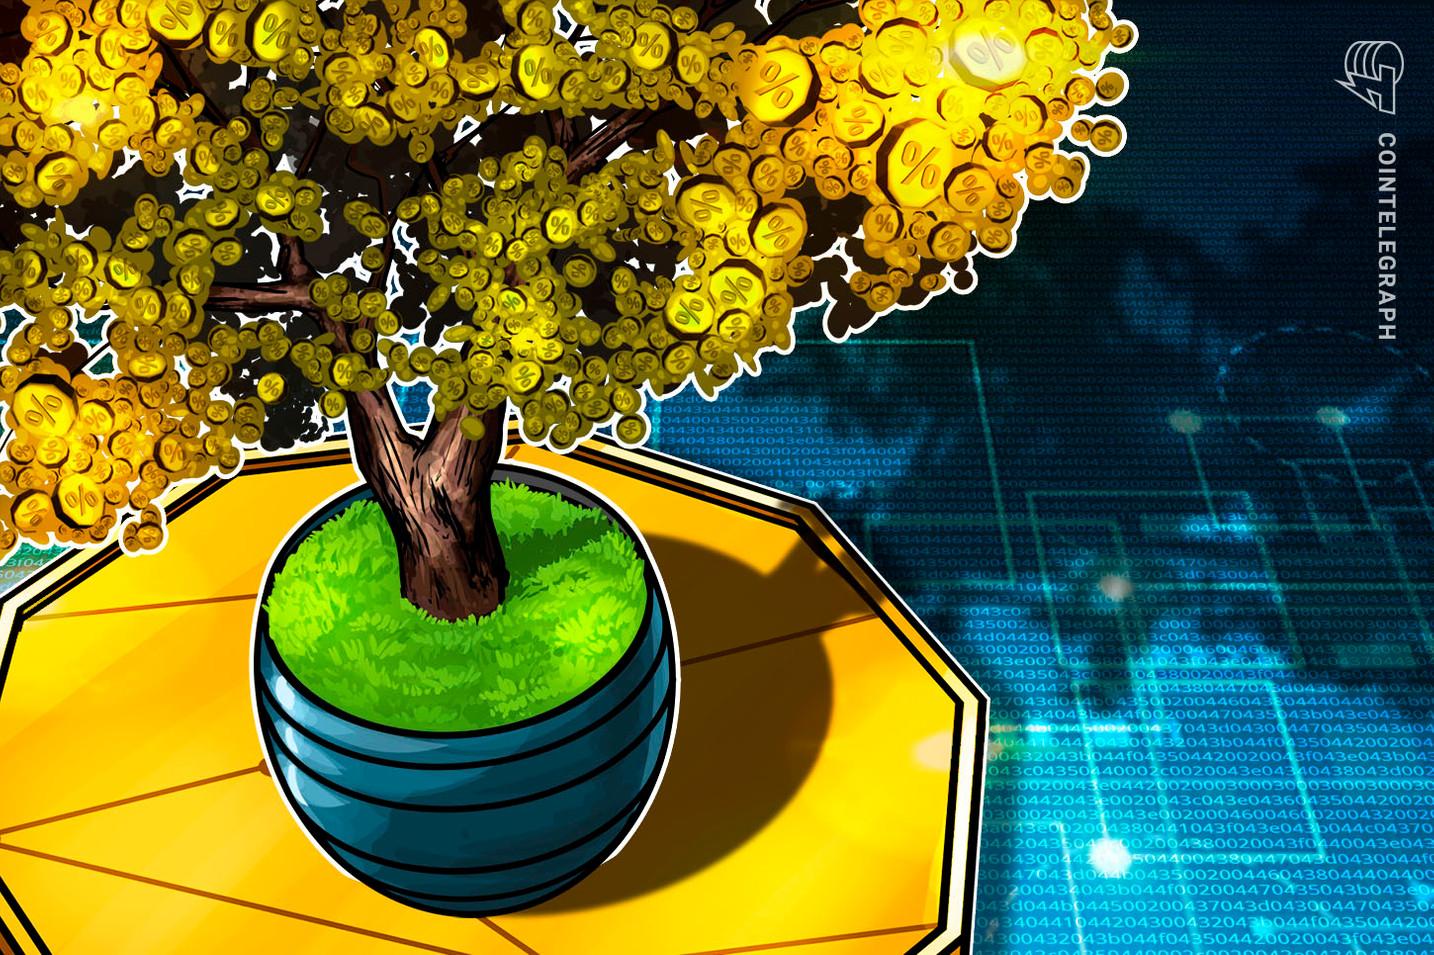 仮想通貨のレバレッジ取引とは?メリット/デメリットからやり方まで徹底解説!